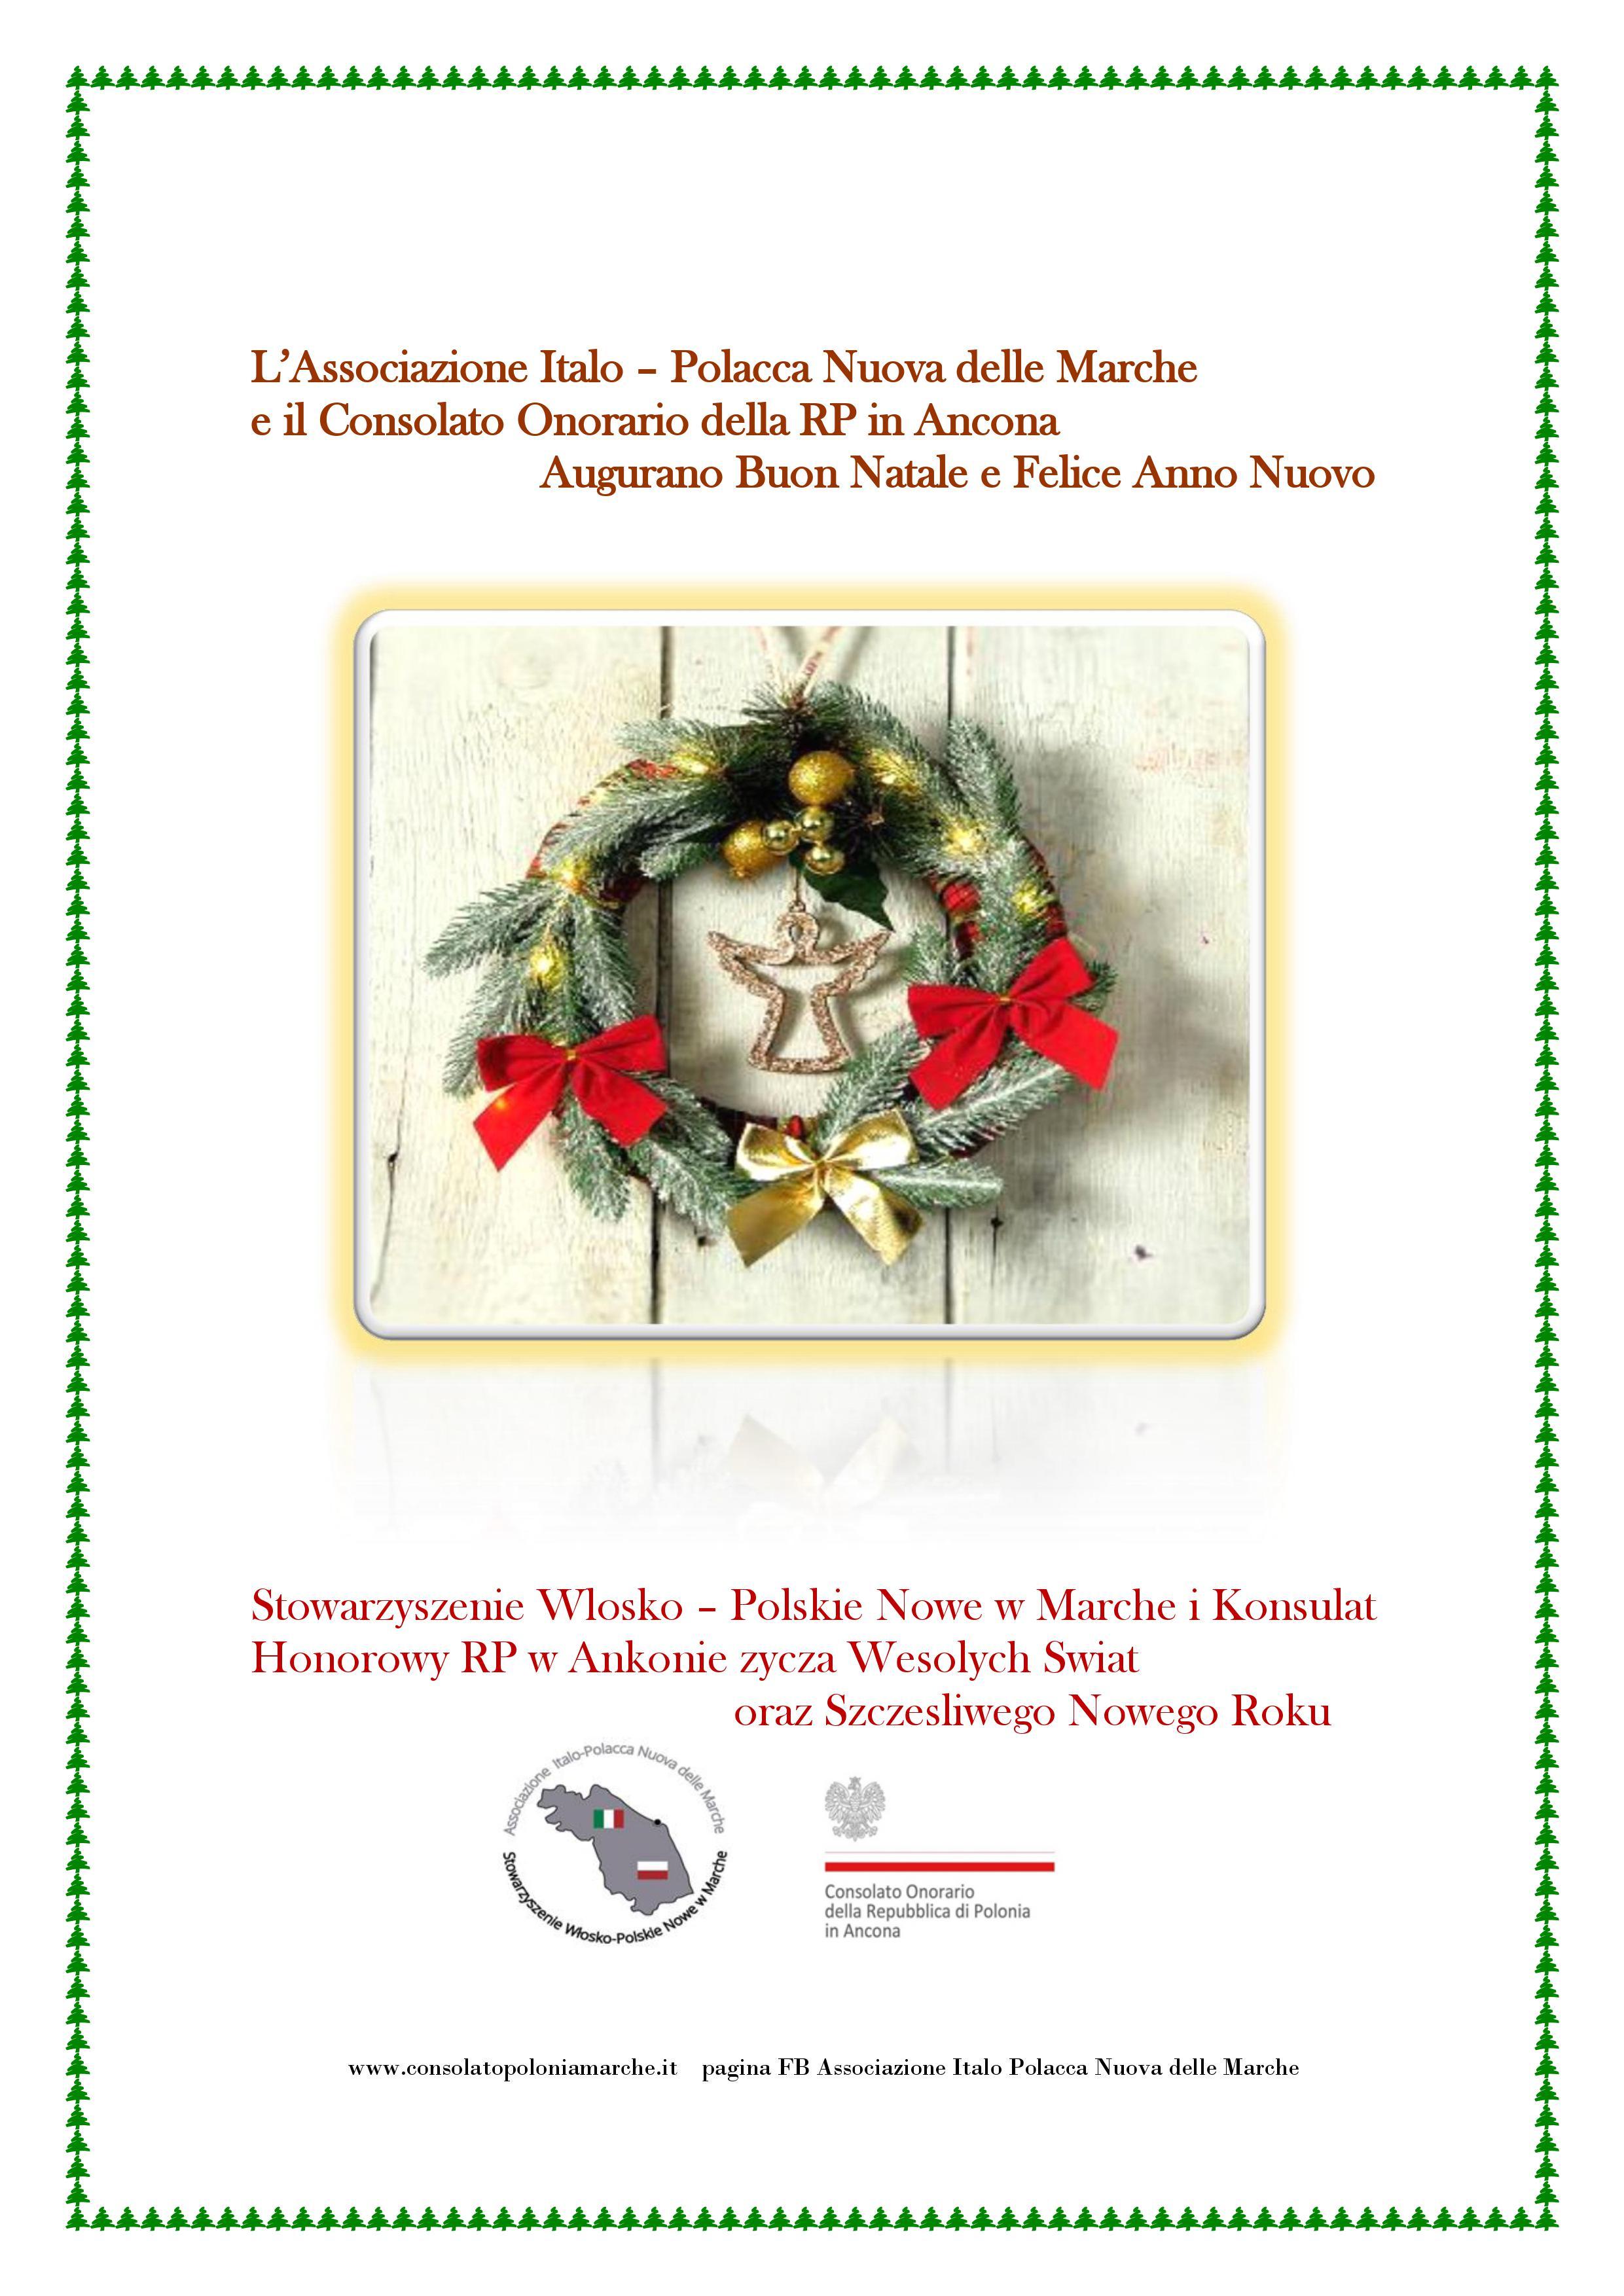 Cartoline Buon Natale E Felice Anno Nuovo.Auguri Di Buon Natale E Felice Anno Nuovo Consolato Onorario Della Repubblica Di Polonia In Ancona